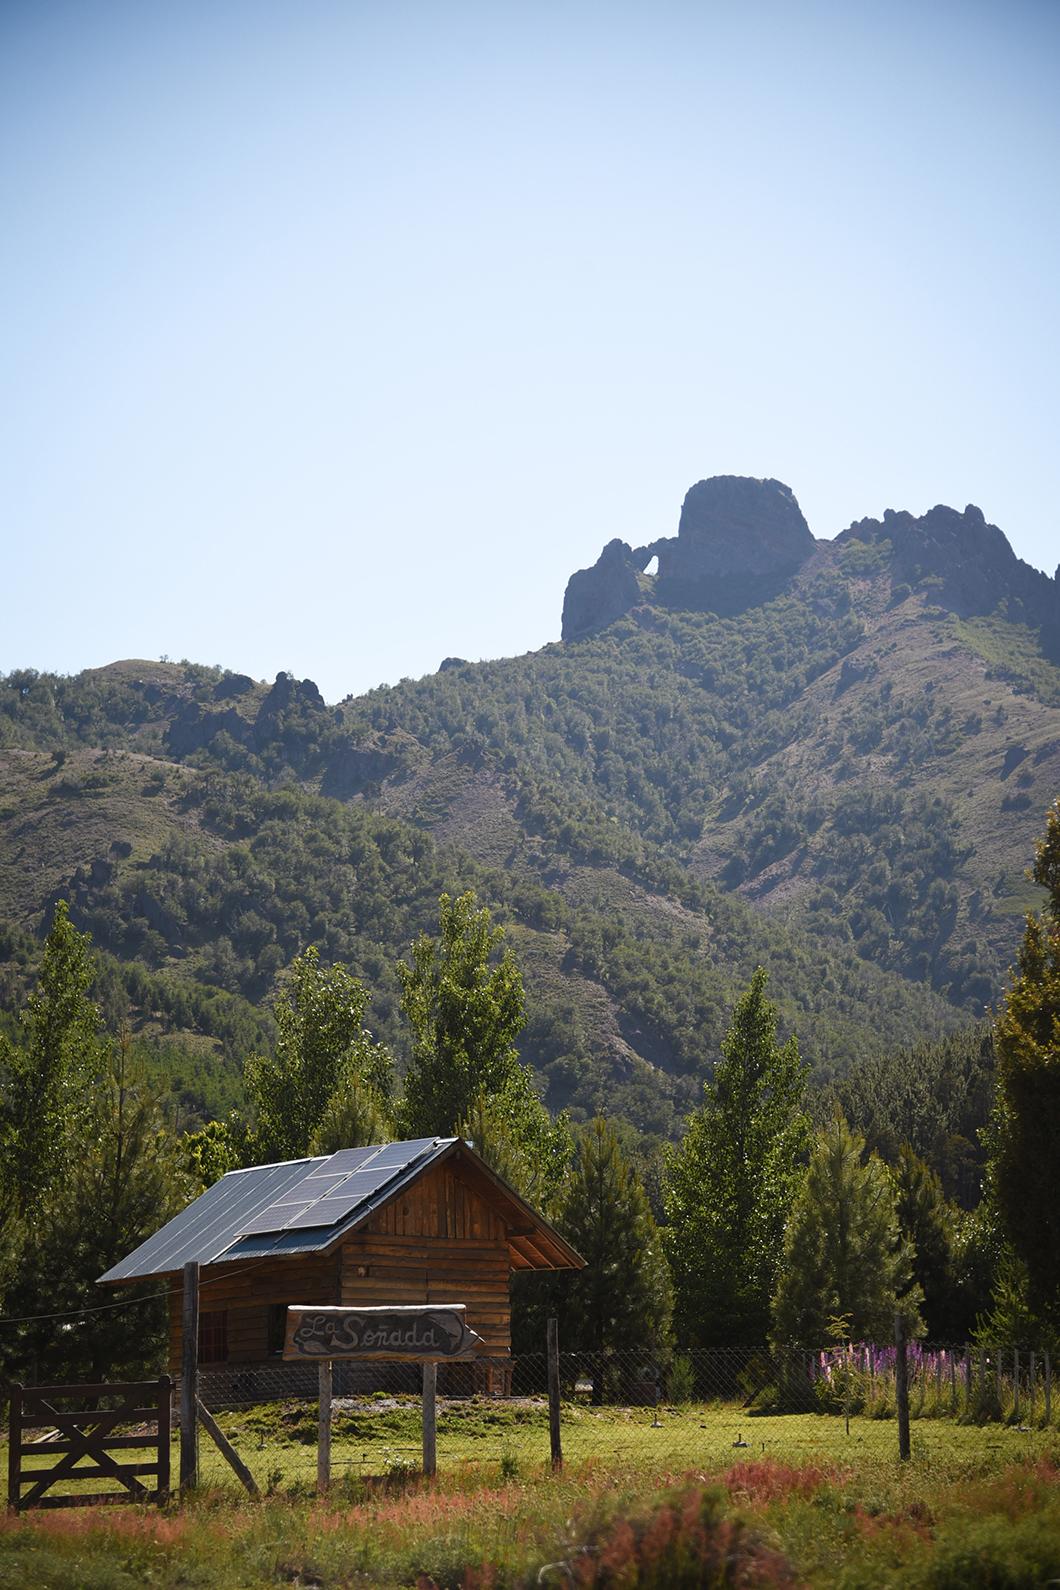 Visiter La Valle Enchantado